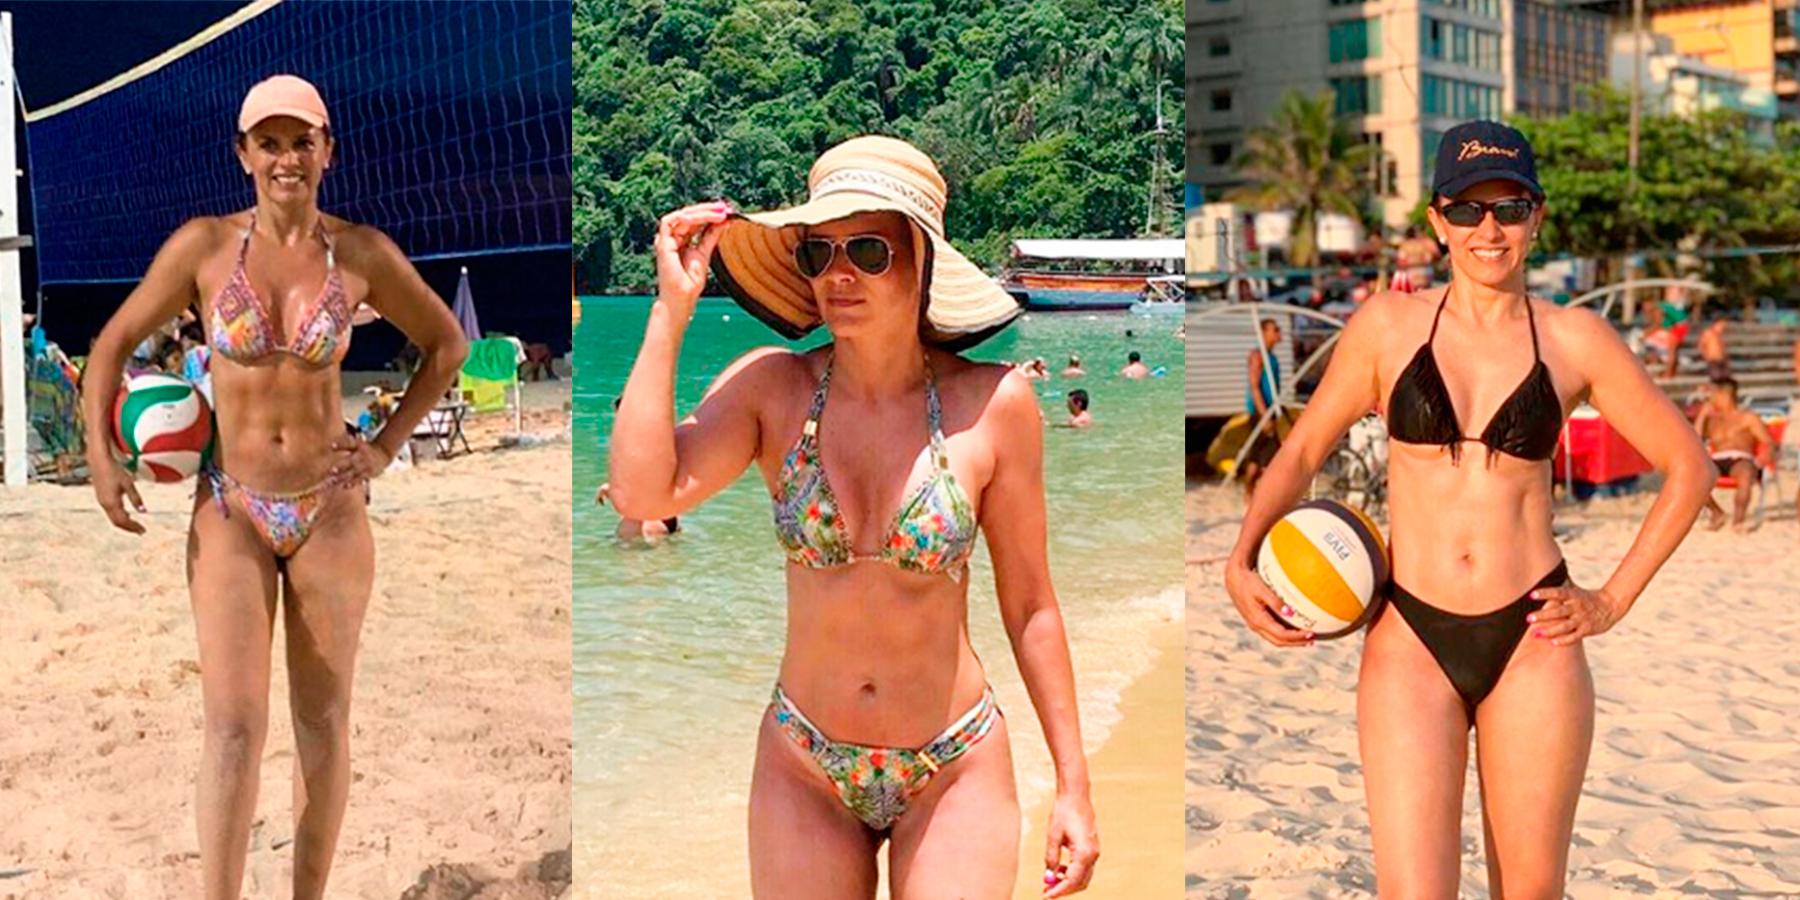 Años Bikini A En De Sus 46 GaleríaLas Fotos Vergara Mejores Ivette f7Ybgv6y